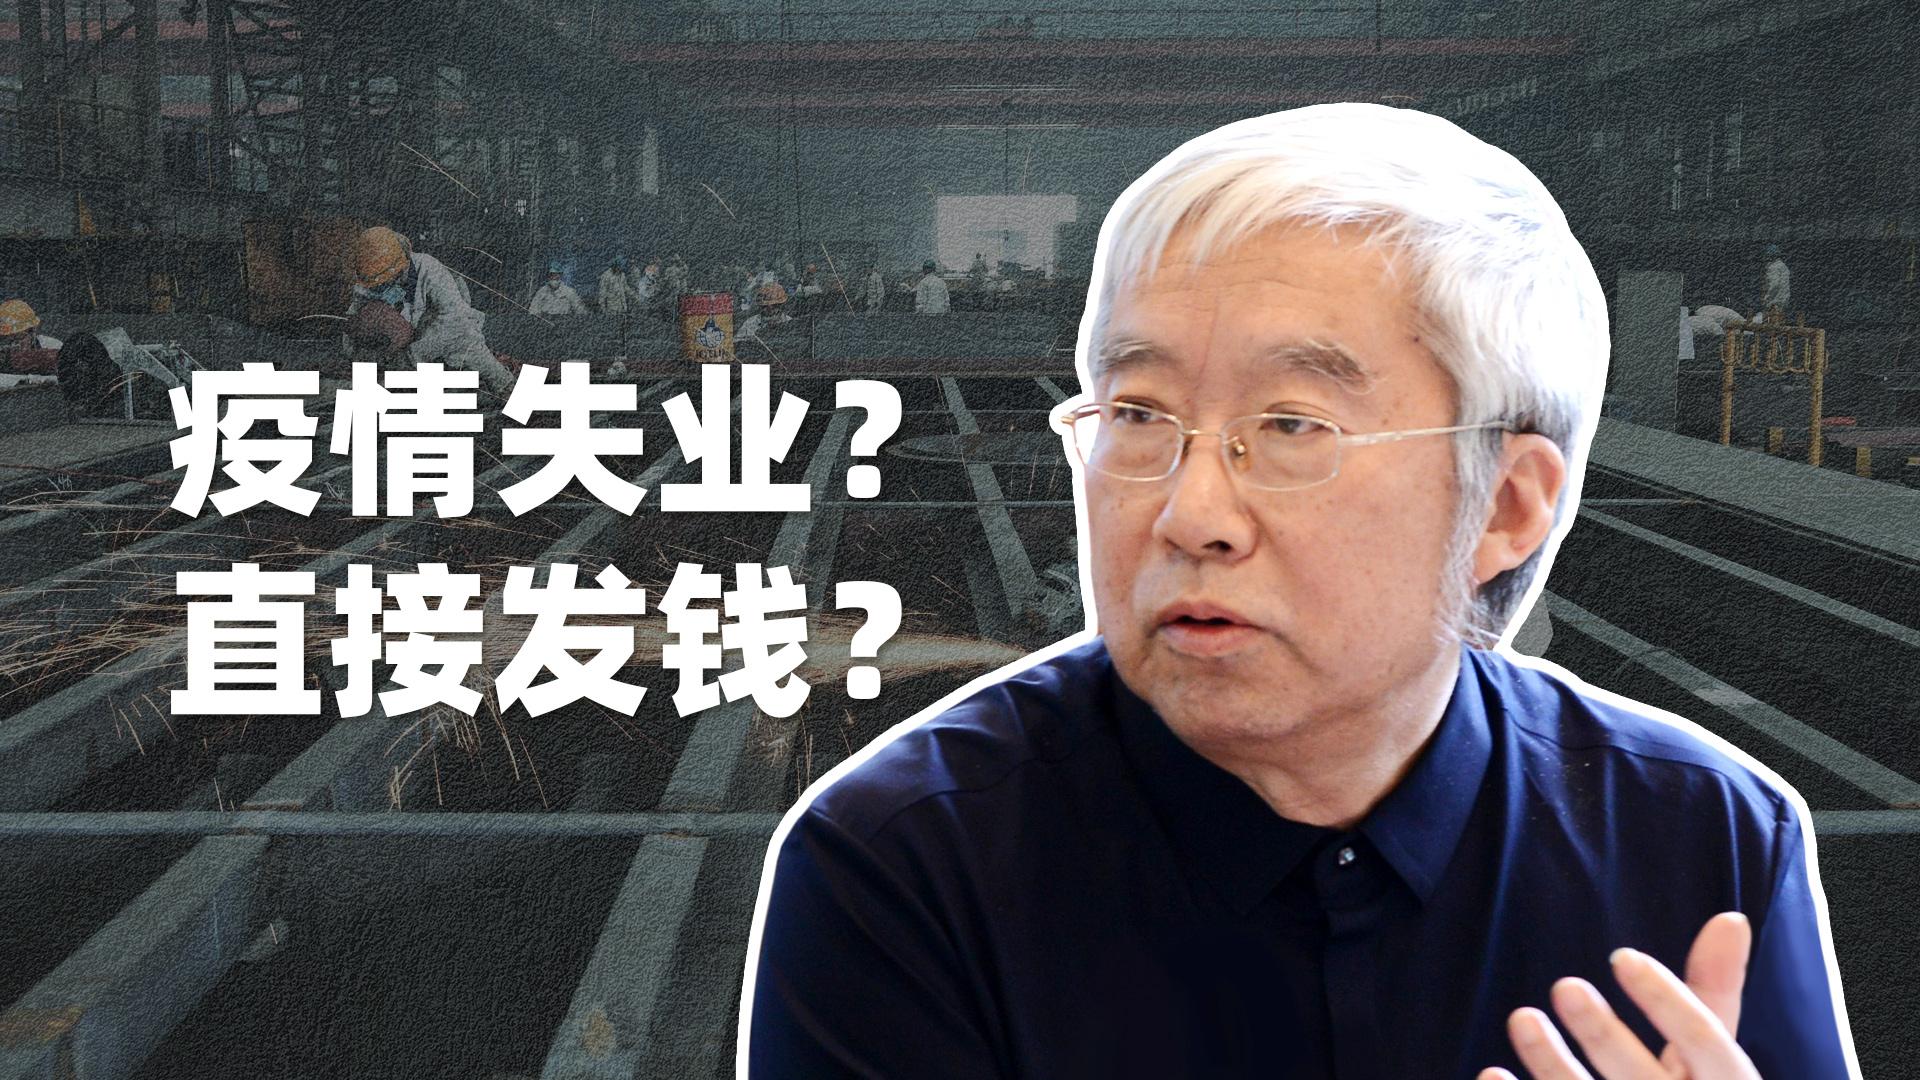 余永定:疫情以来中国有多少人失业?政府该不该直接发钱?